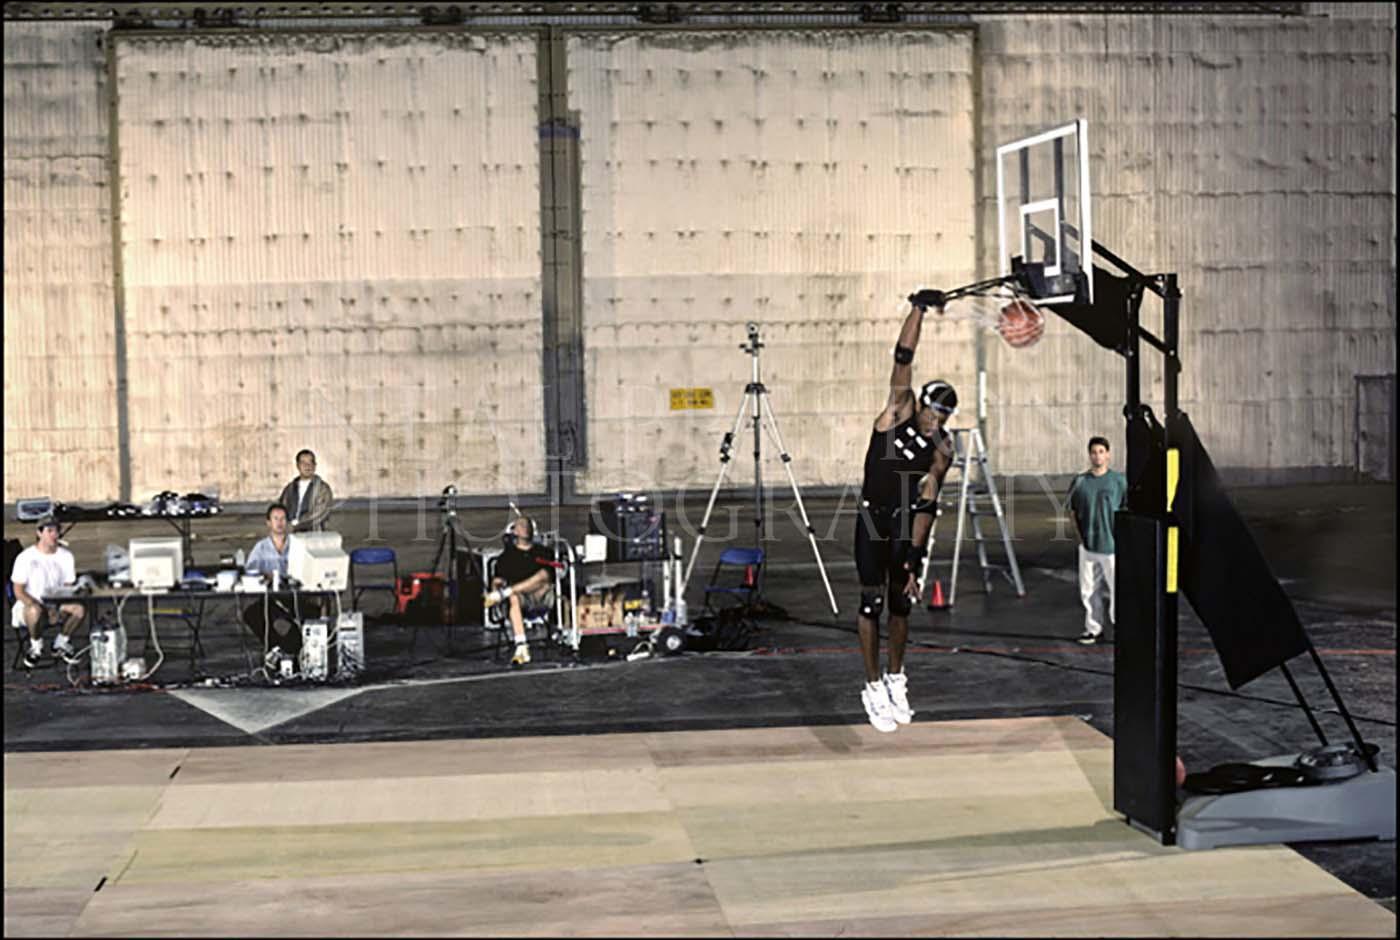 Kobe_video1.jpg